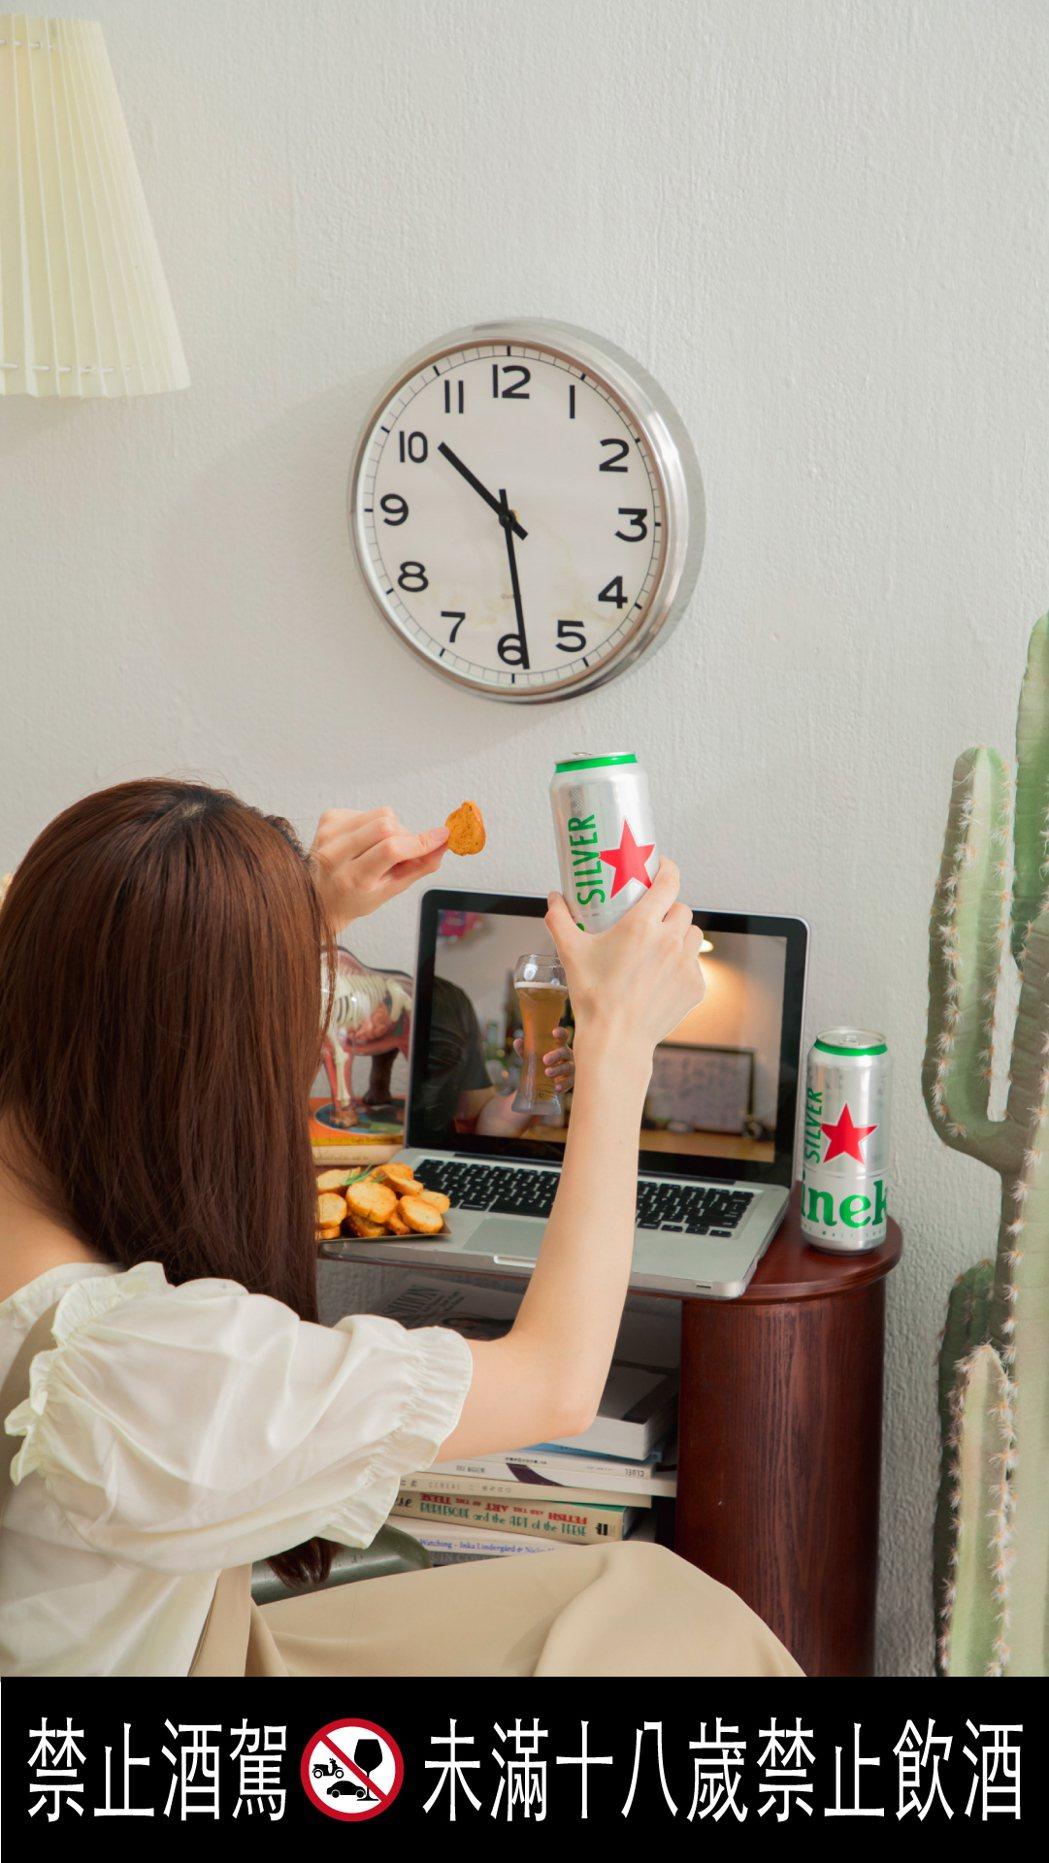 即便宅在家也能和朋友視訊連線分享海尼根Silver星銀啤酒,微醺、輕鬆、同樂。圖...